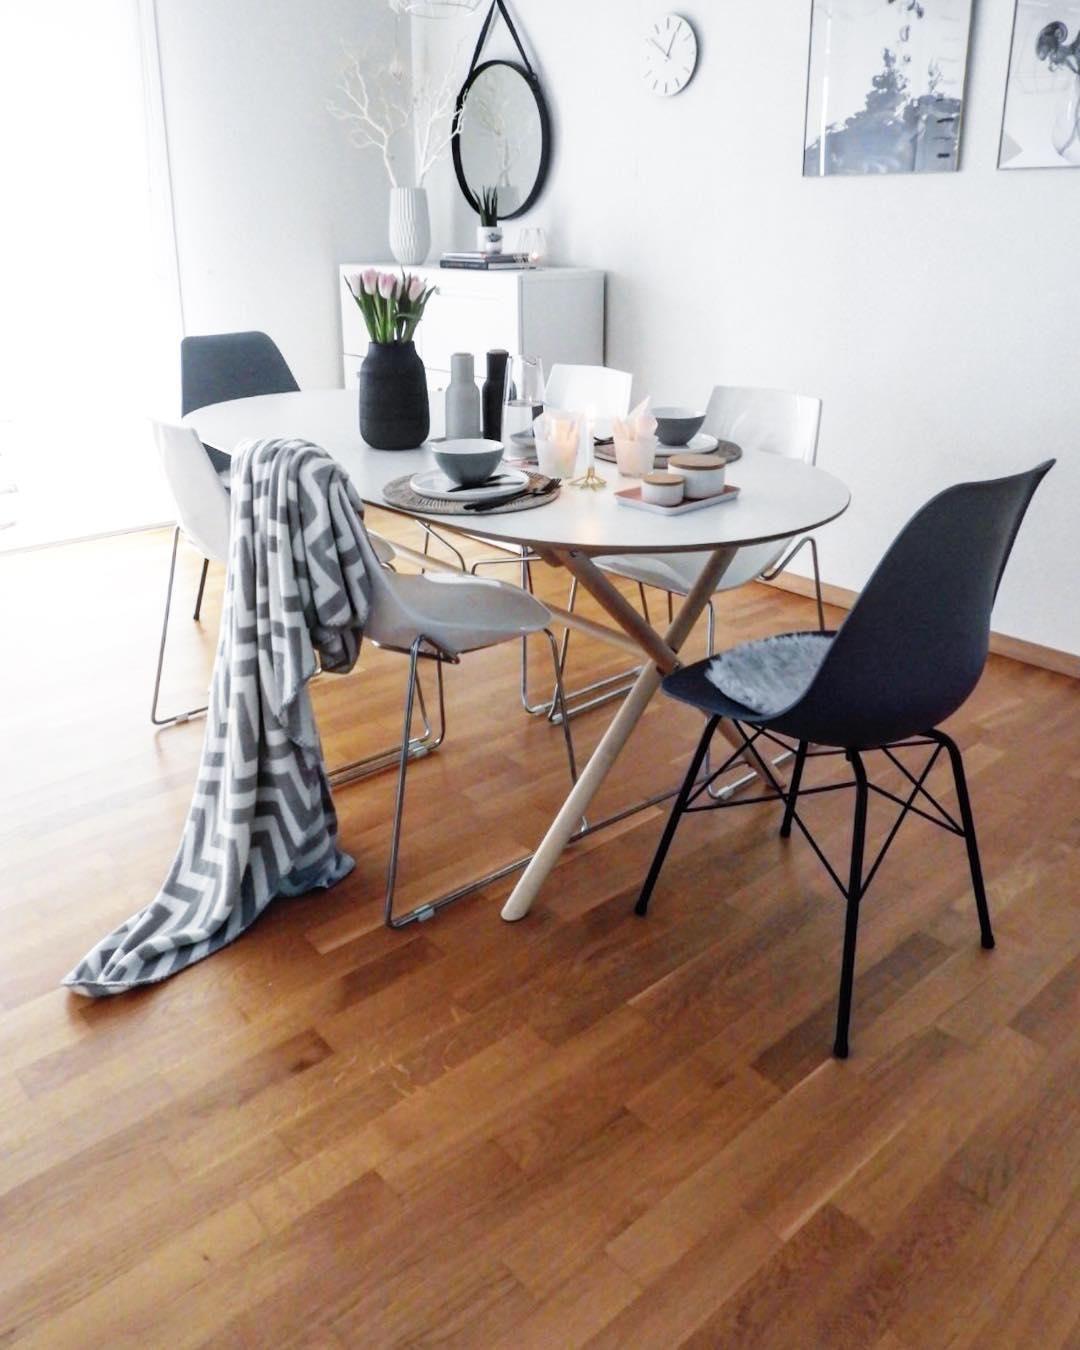 Delightful Coole Dekoration Esszimmer Akzent Stuhle #13: Auch Auf Beim Essen Dürfen Coole Accessoires Nicht Fehlen. Das Mühlenset  Bottle